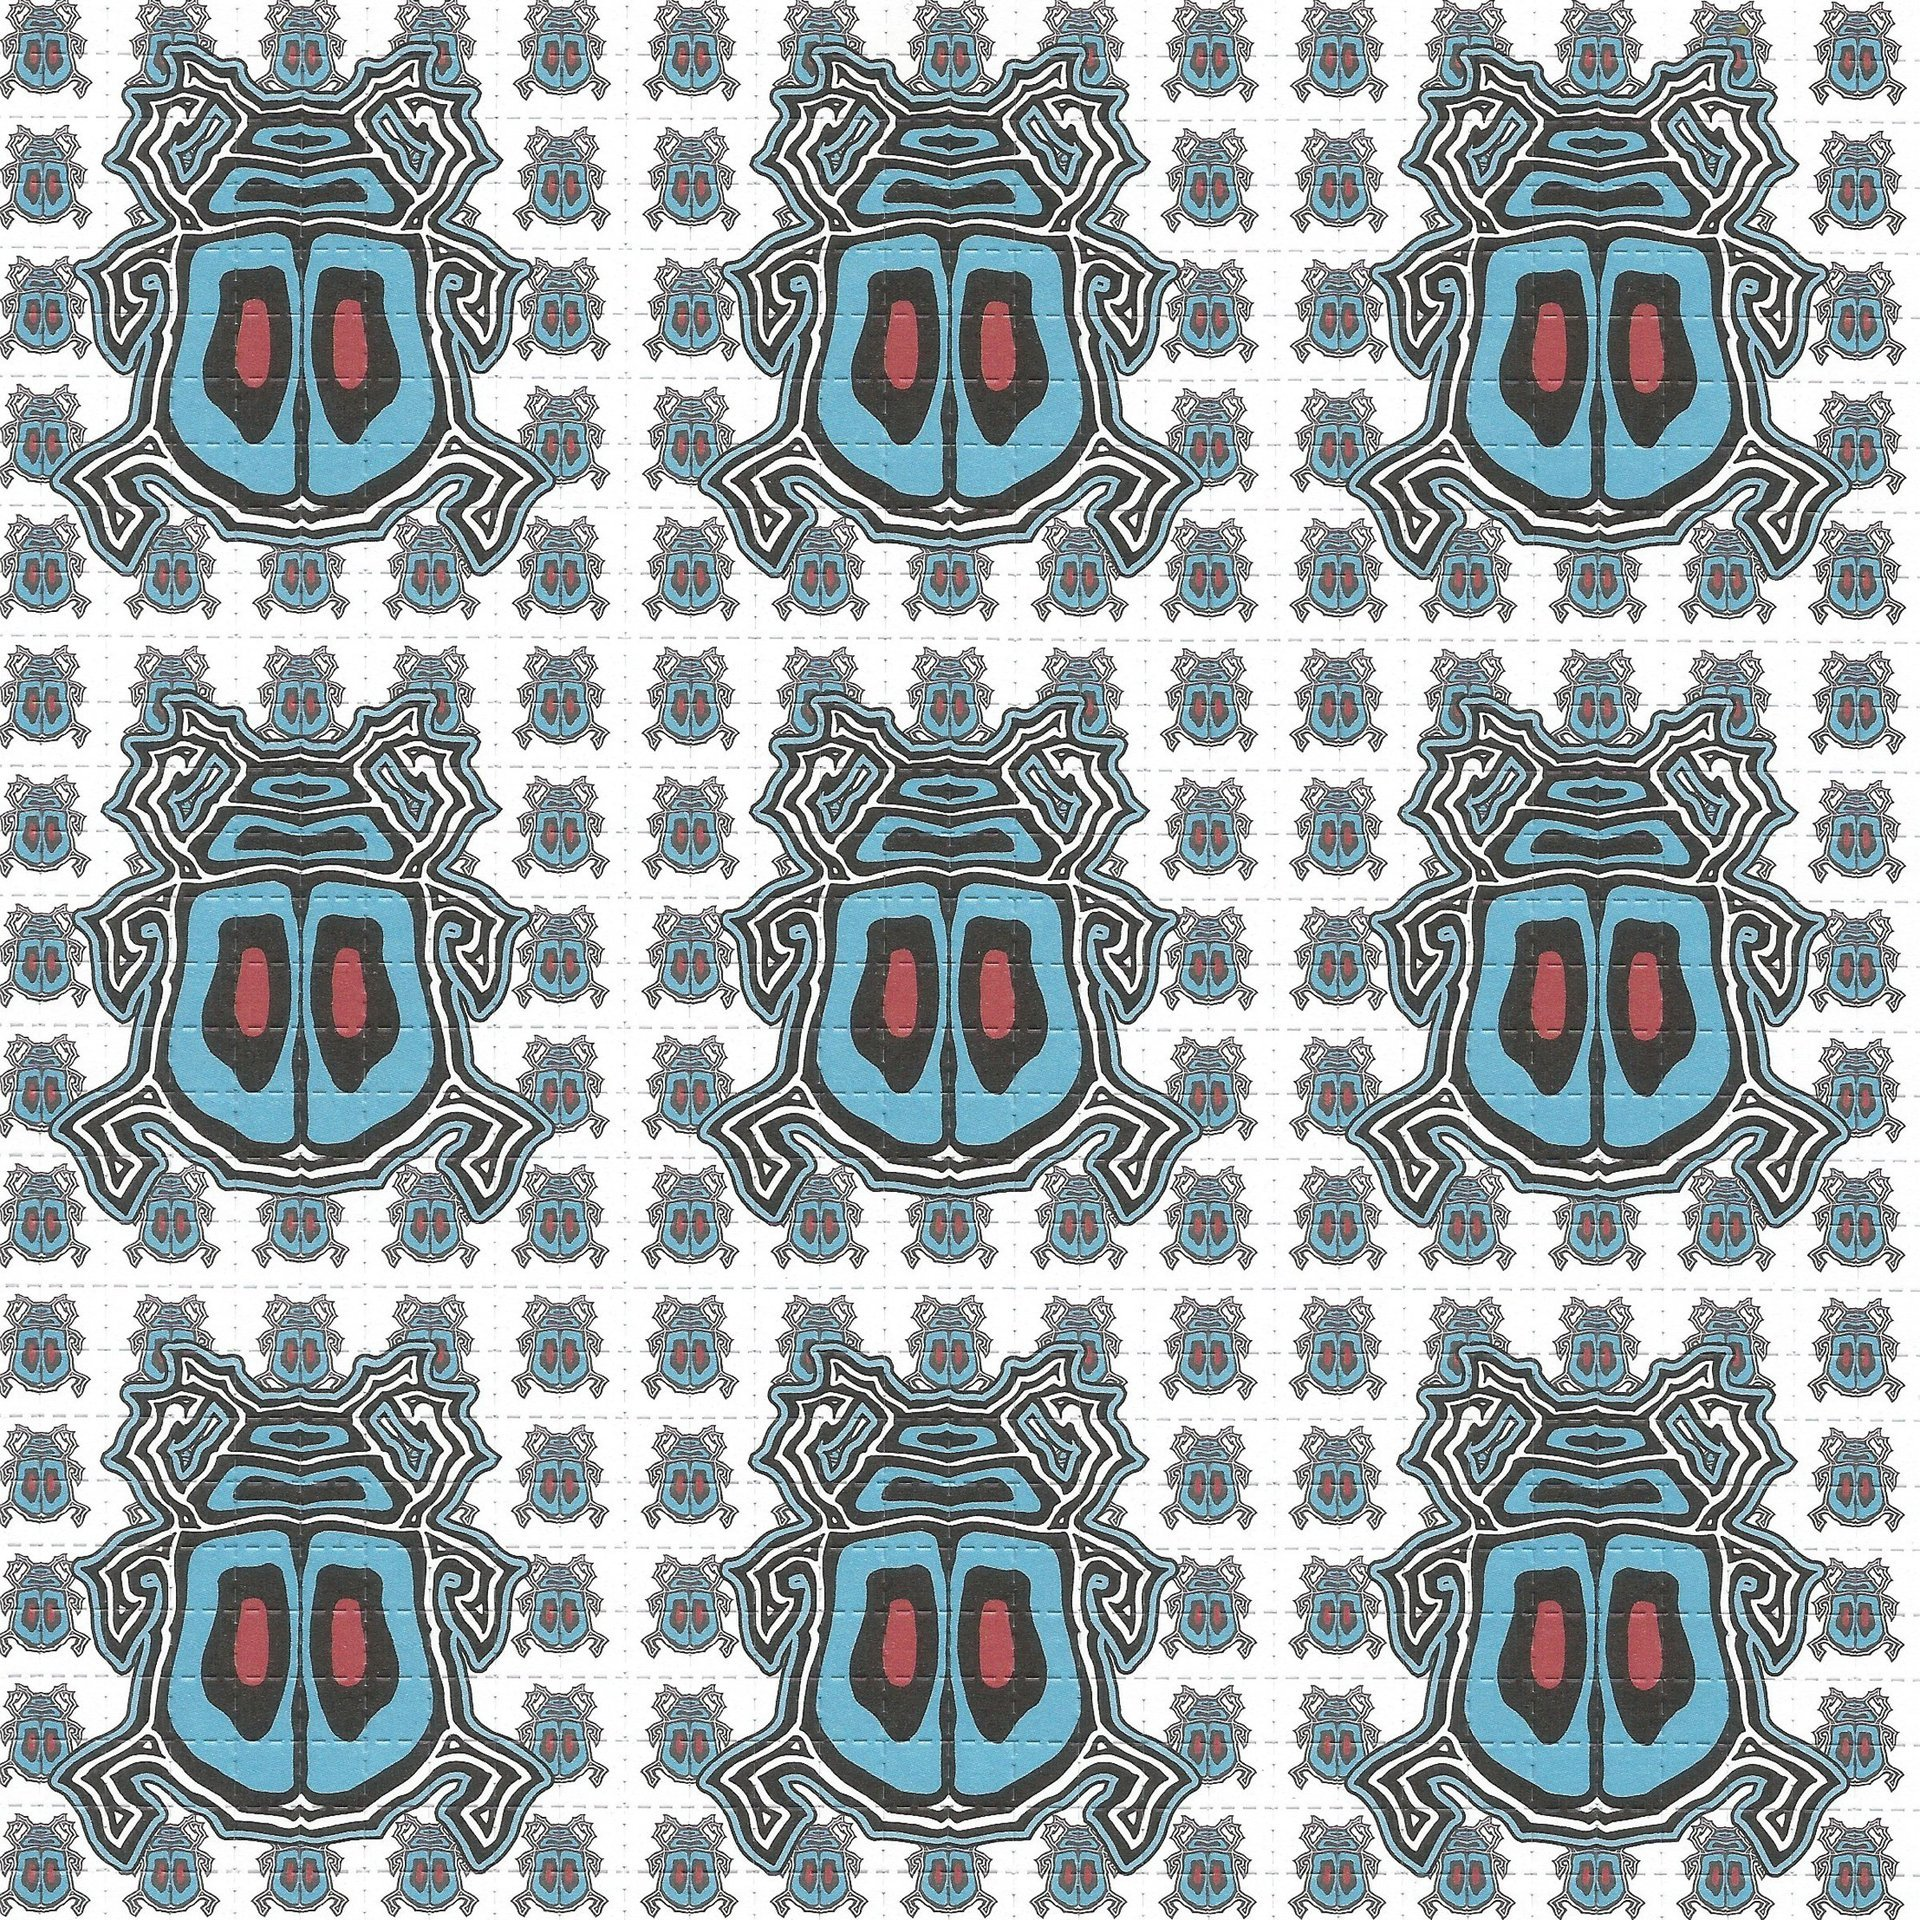 Beetles by Rick Sinnett Blotter